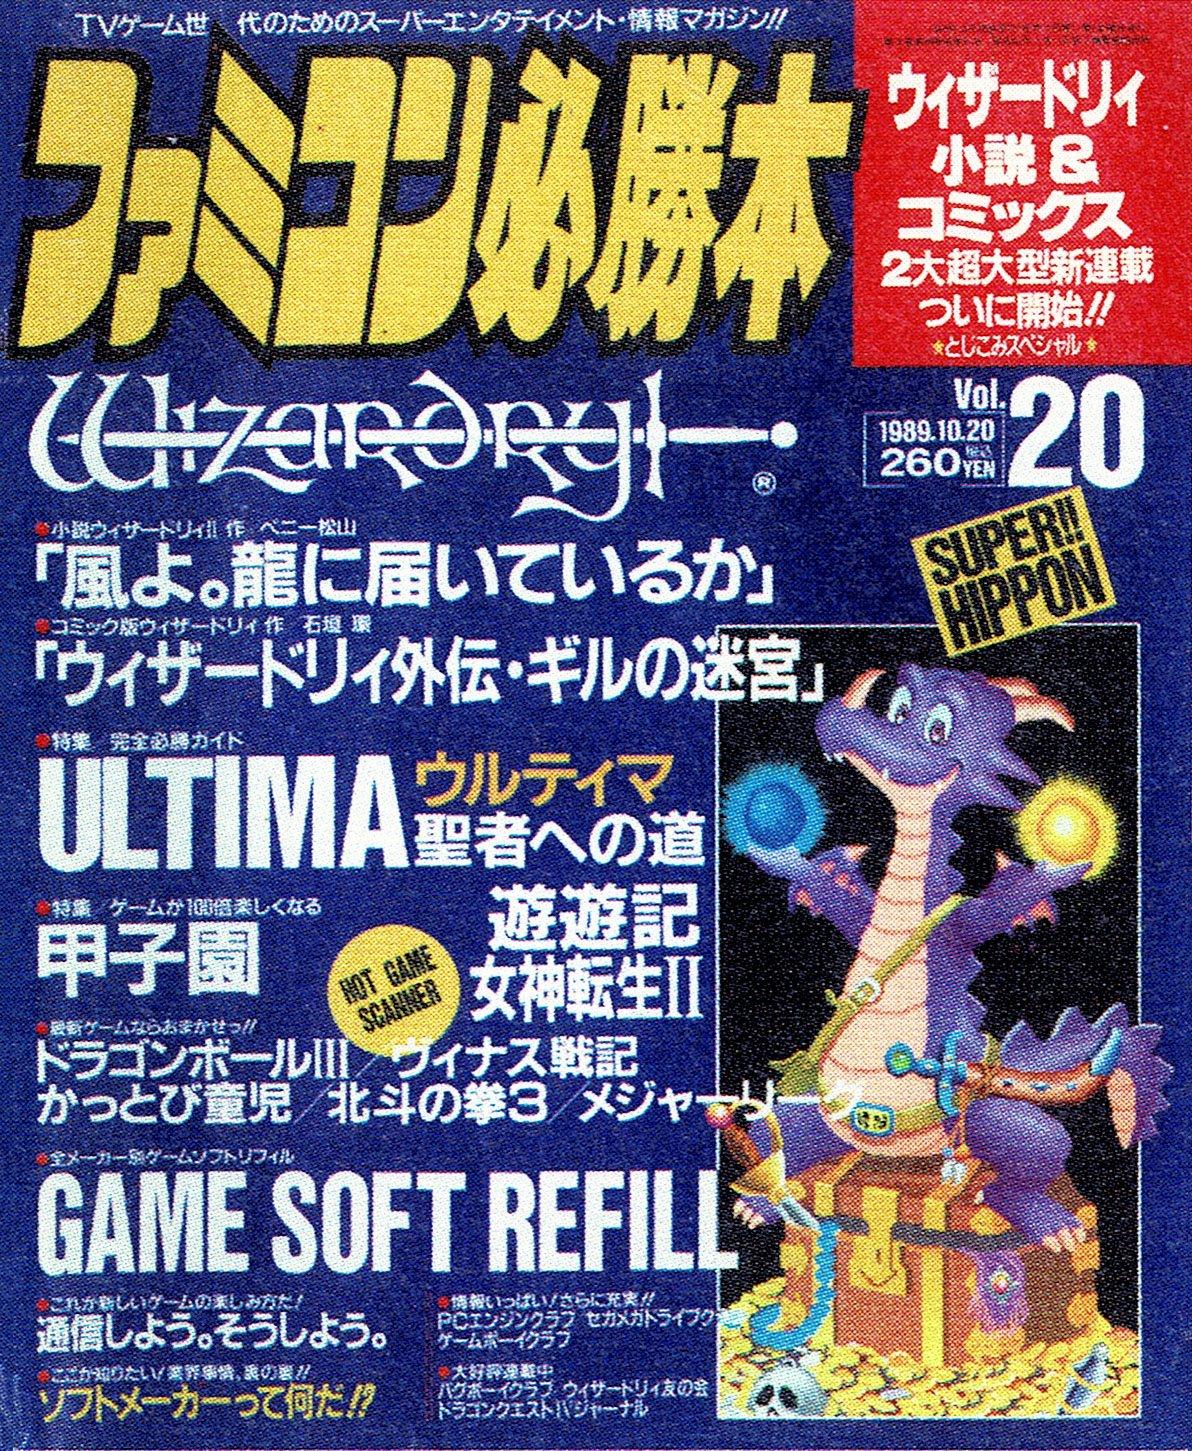 Famicom Hisshoubon Issue 081 (October 20, 1989)